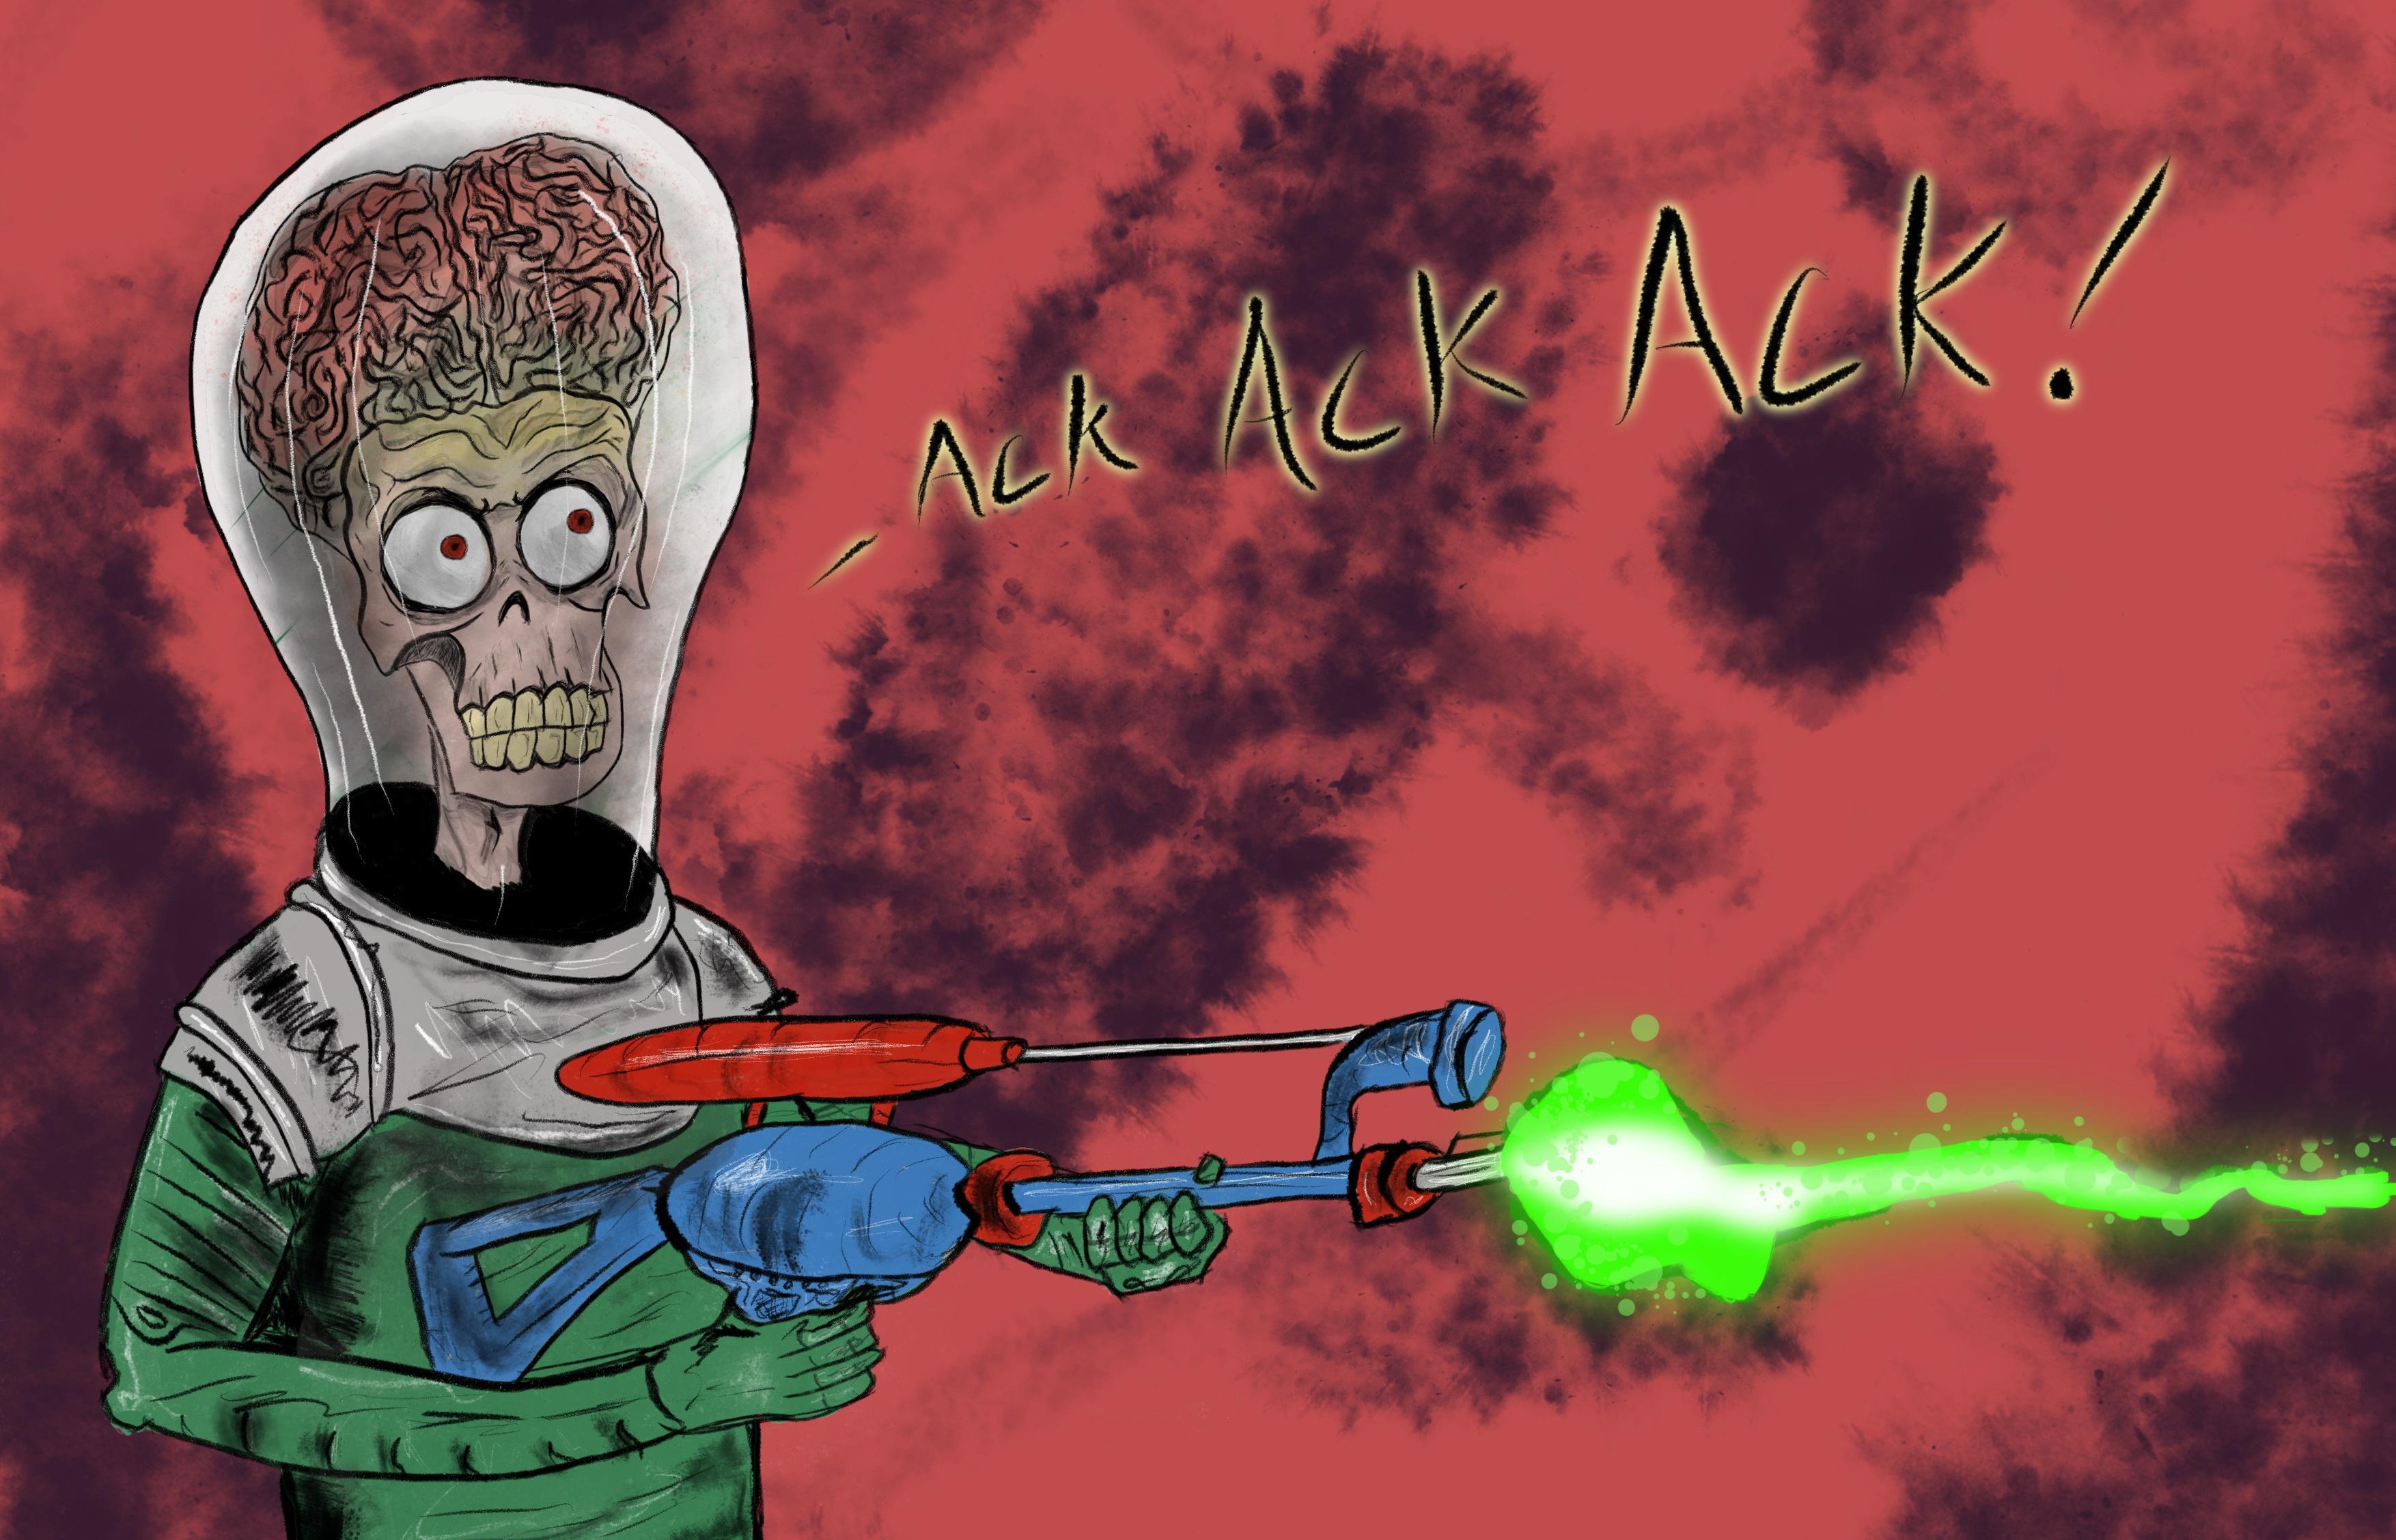 Ack Ack Ack por tanosixxx | Dibujando